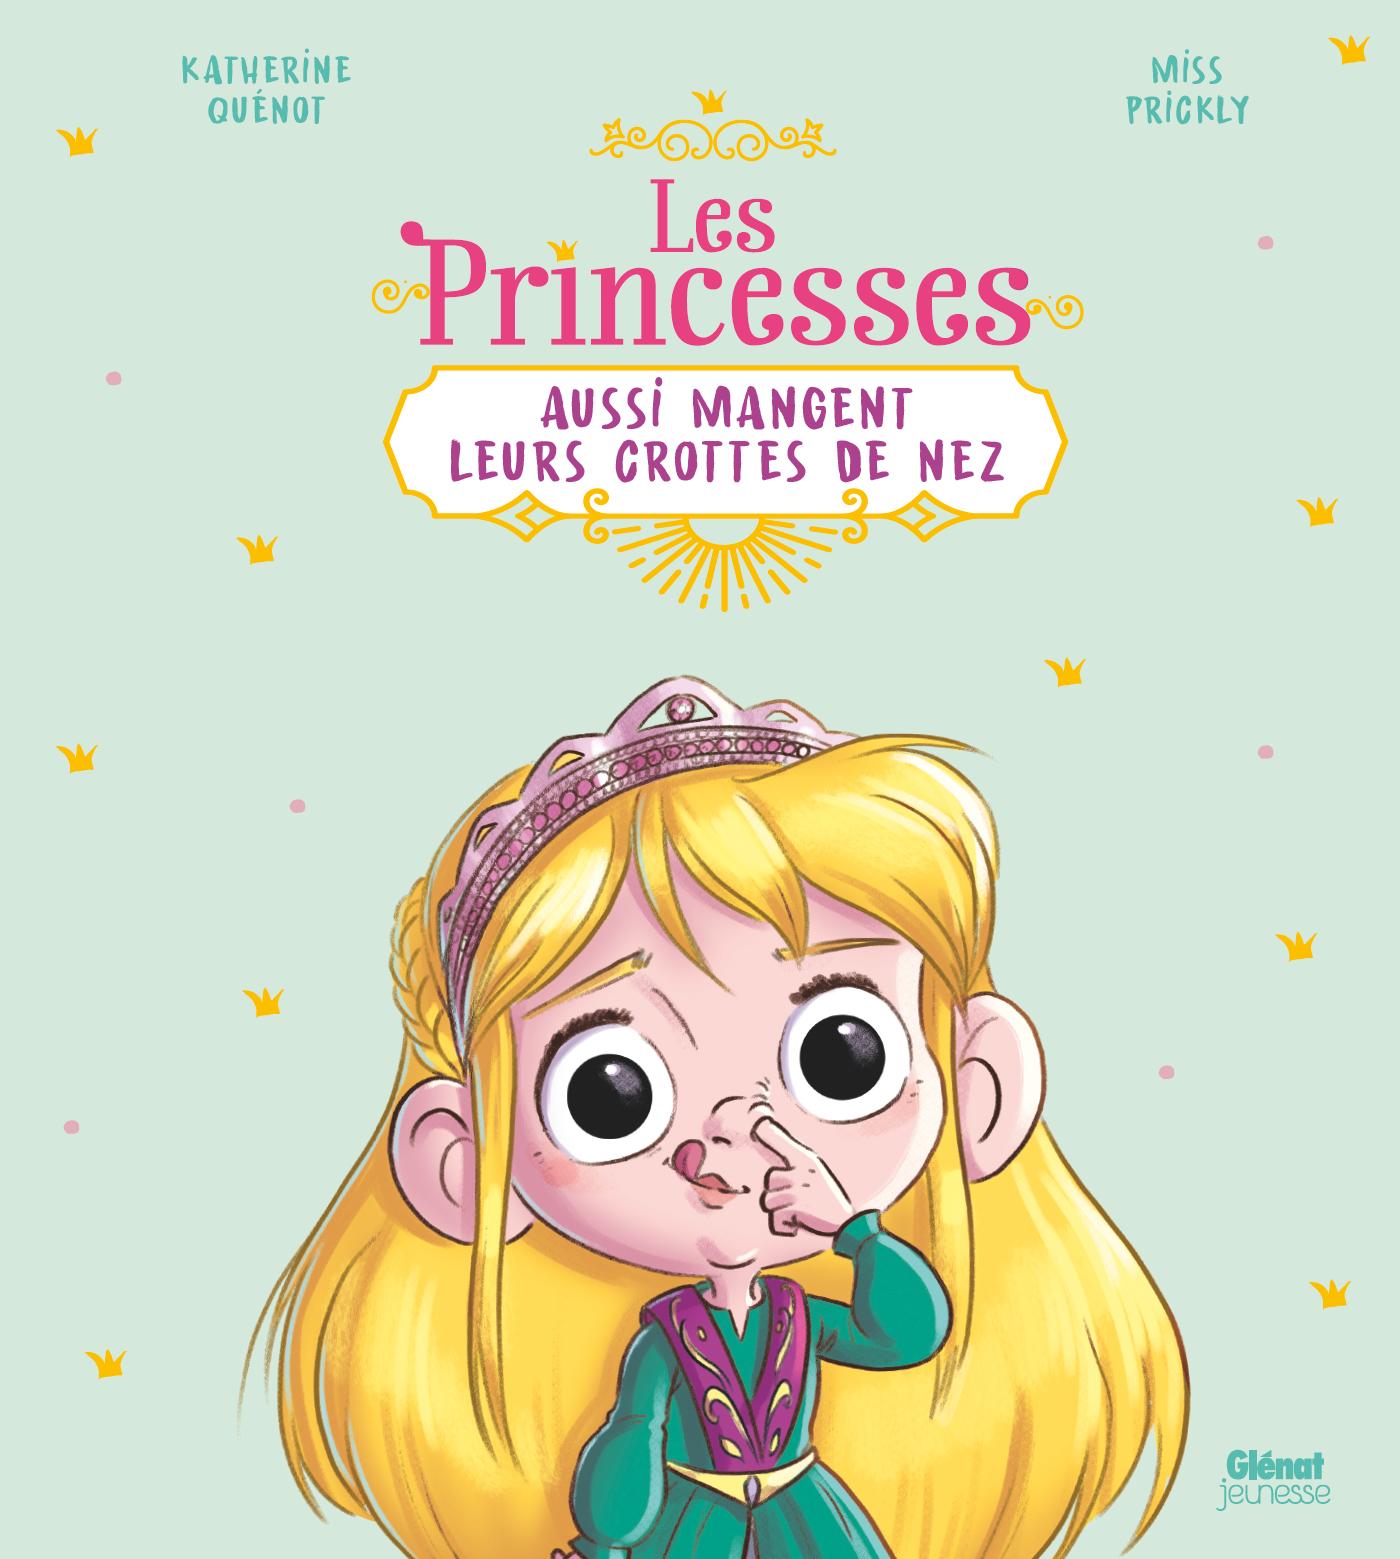 Glénat Jeunesse édite une Nouvelle Collection/ Les princesses et les princes aussi…